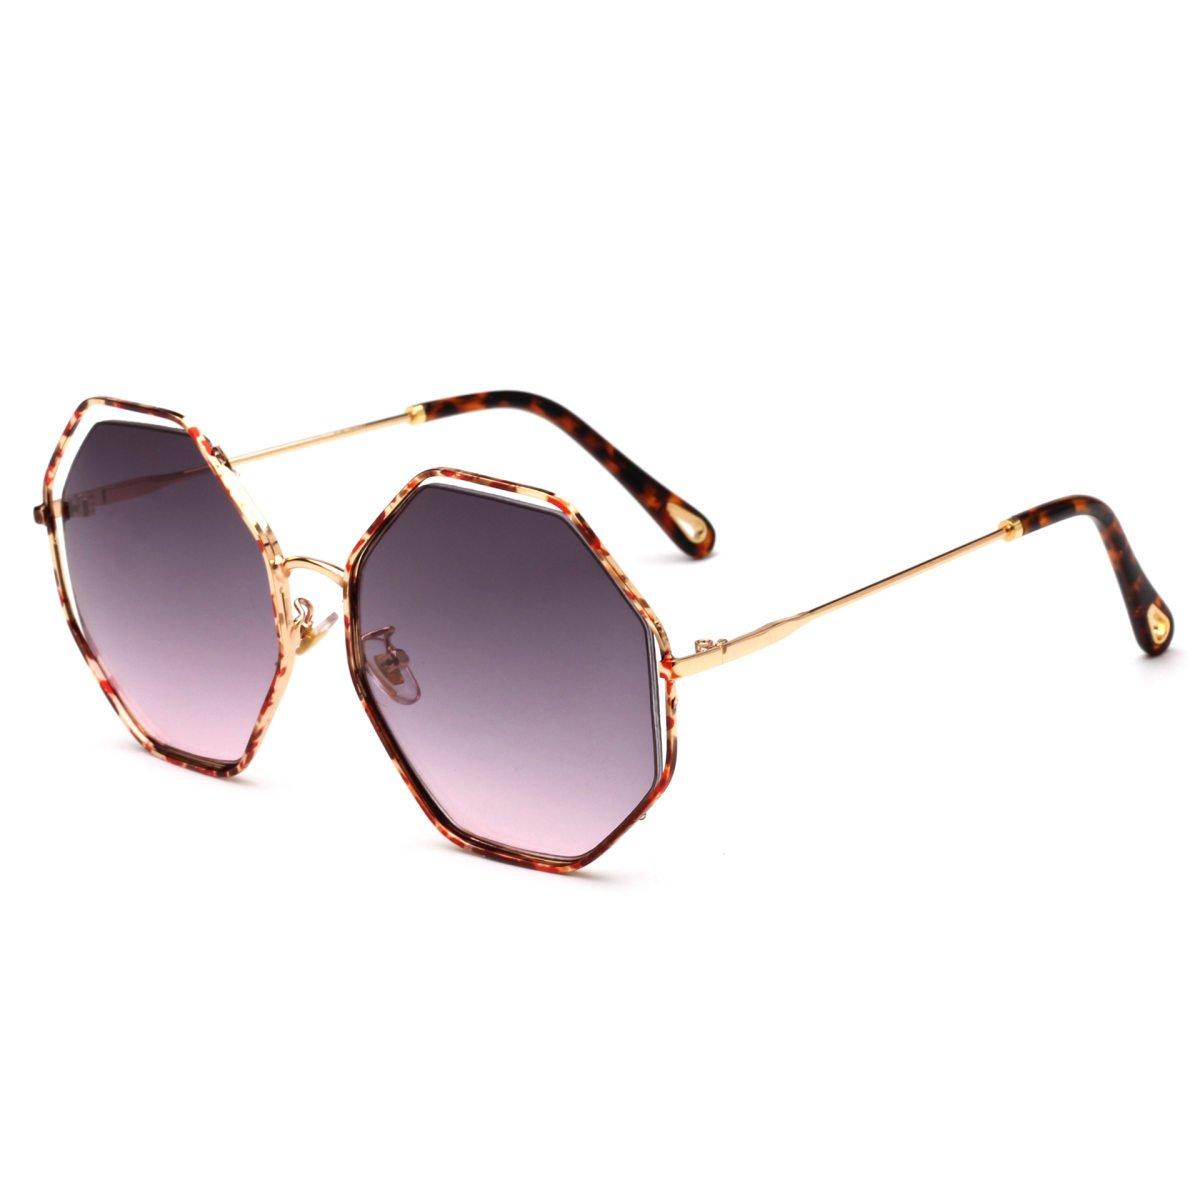 YUEER Gafas De Sol Lady Europa Y Estados Unidos Moda Gafas De Sol Caja Irregular Generosa Película En Color Gafas Metal Hombres,A